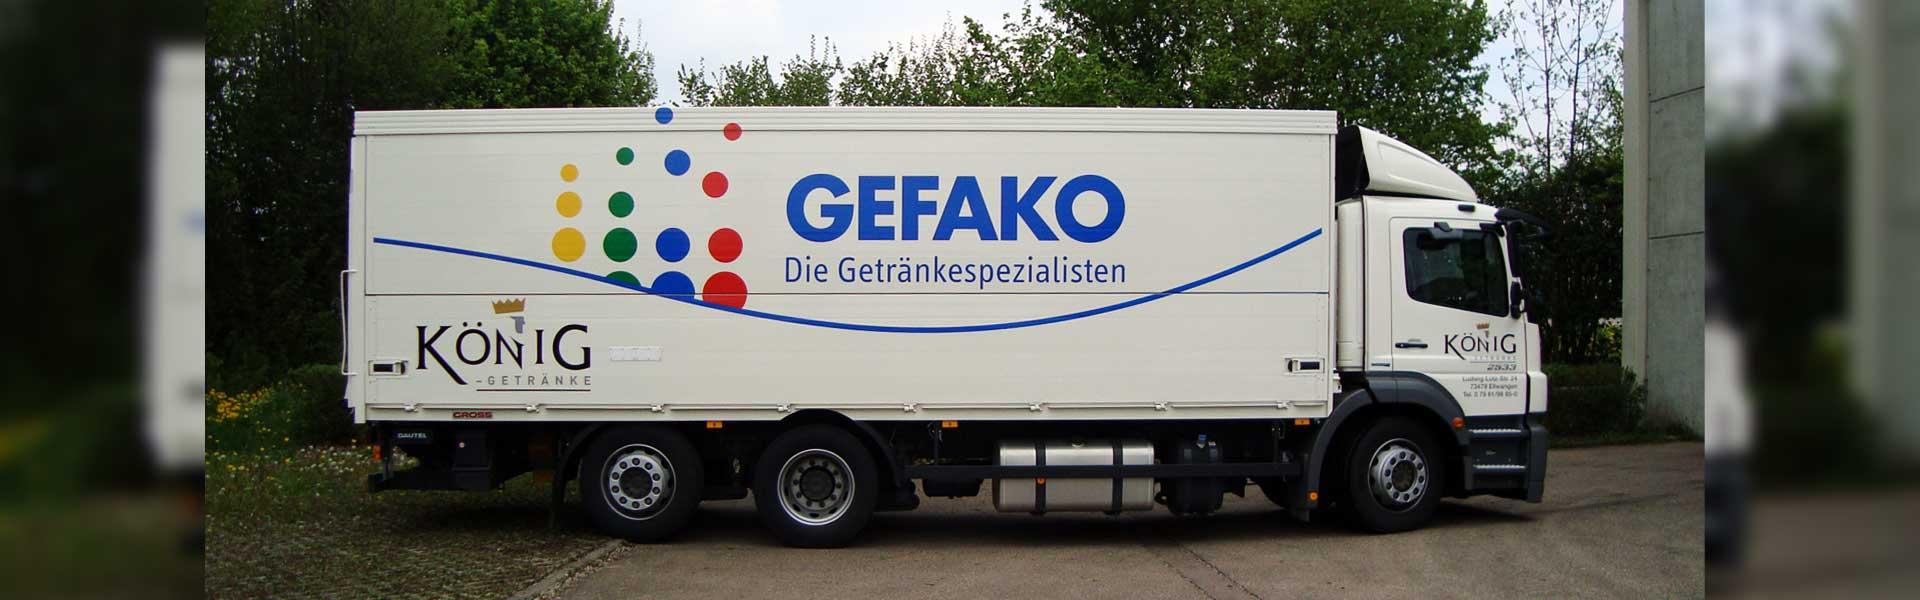 Fahrzeugbeschriftung eines Lkw. Hochwertiges Car-Wrapping und Autofolierung in Stuttgart und Umgebung.